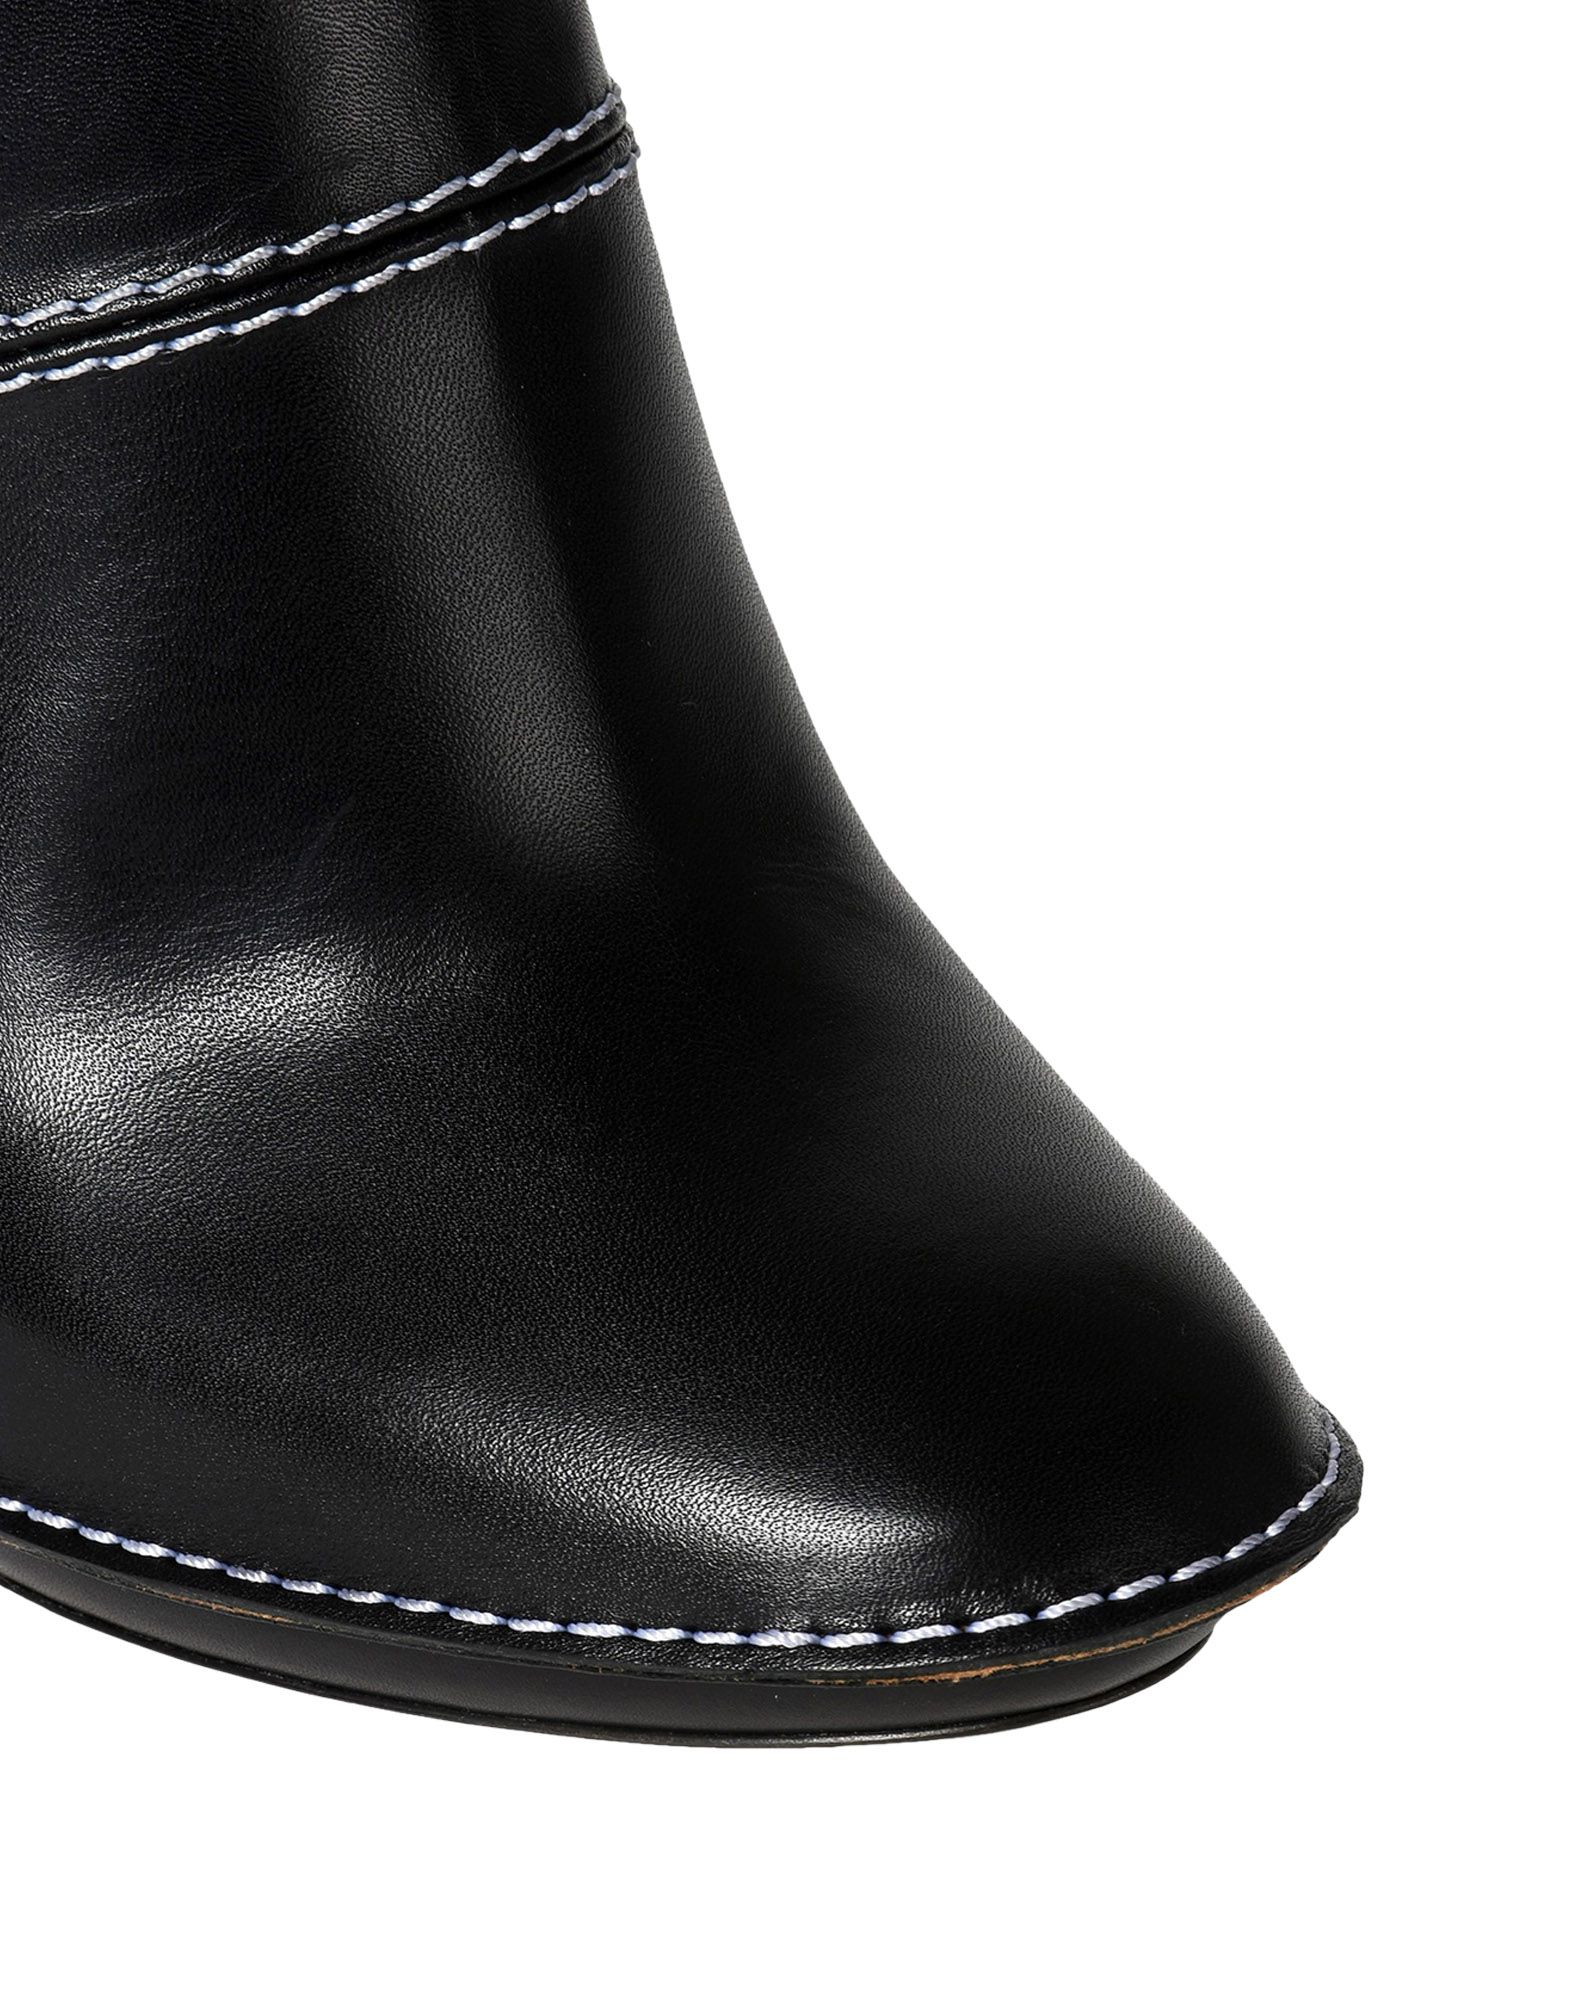 Chloé aussehende Pantoletten Damen  11394002EFGut aussehende Chloé strapazierfähige Schuhe f57937